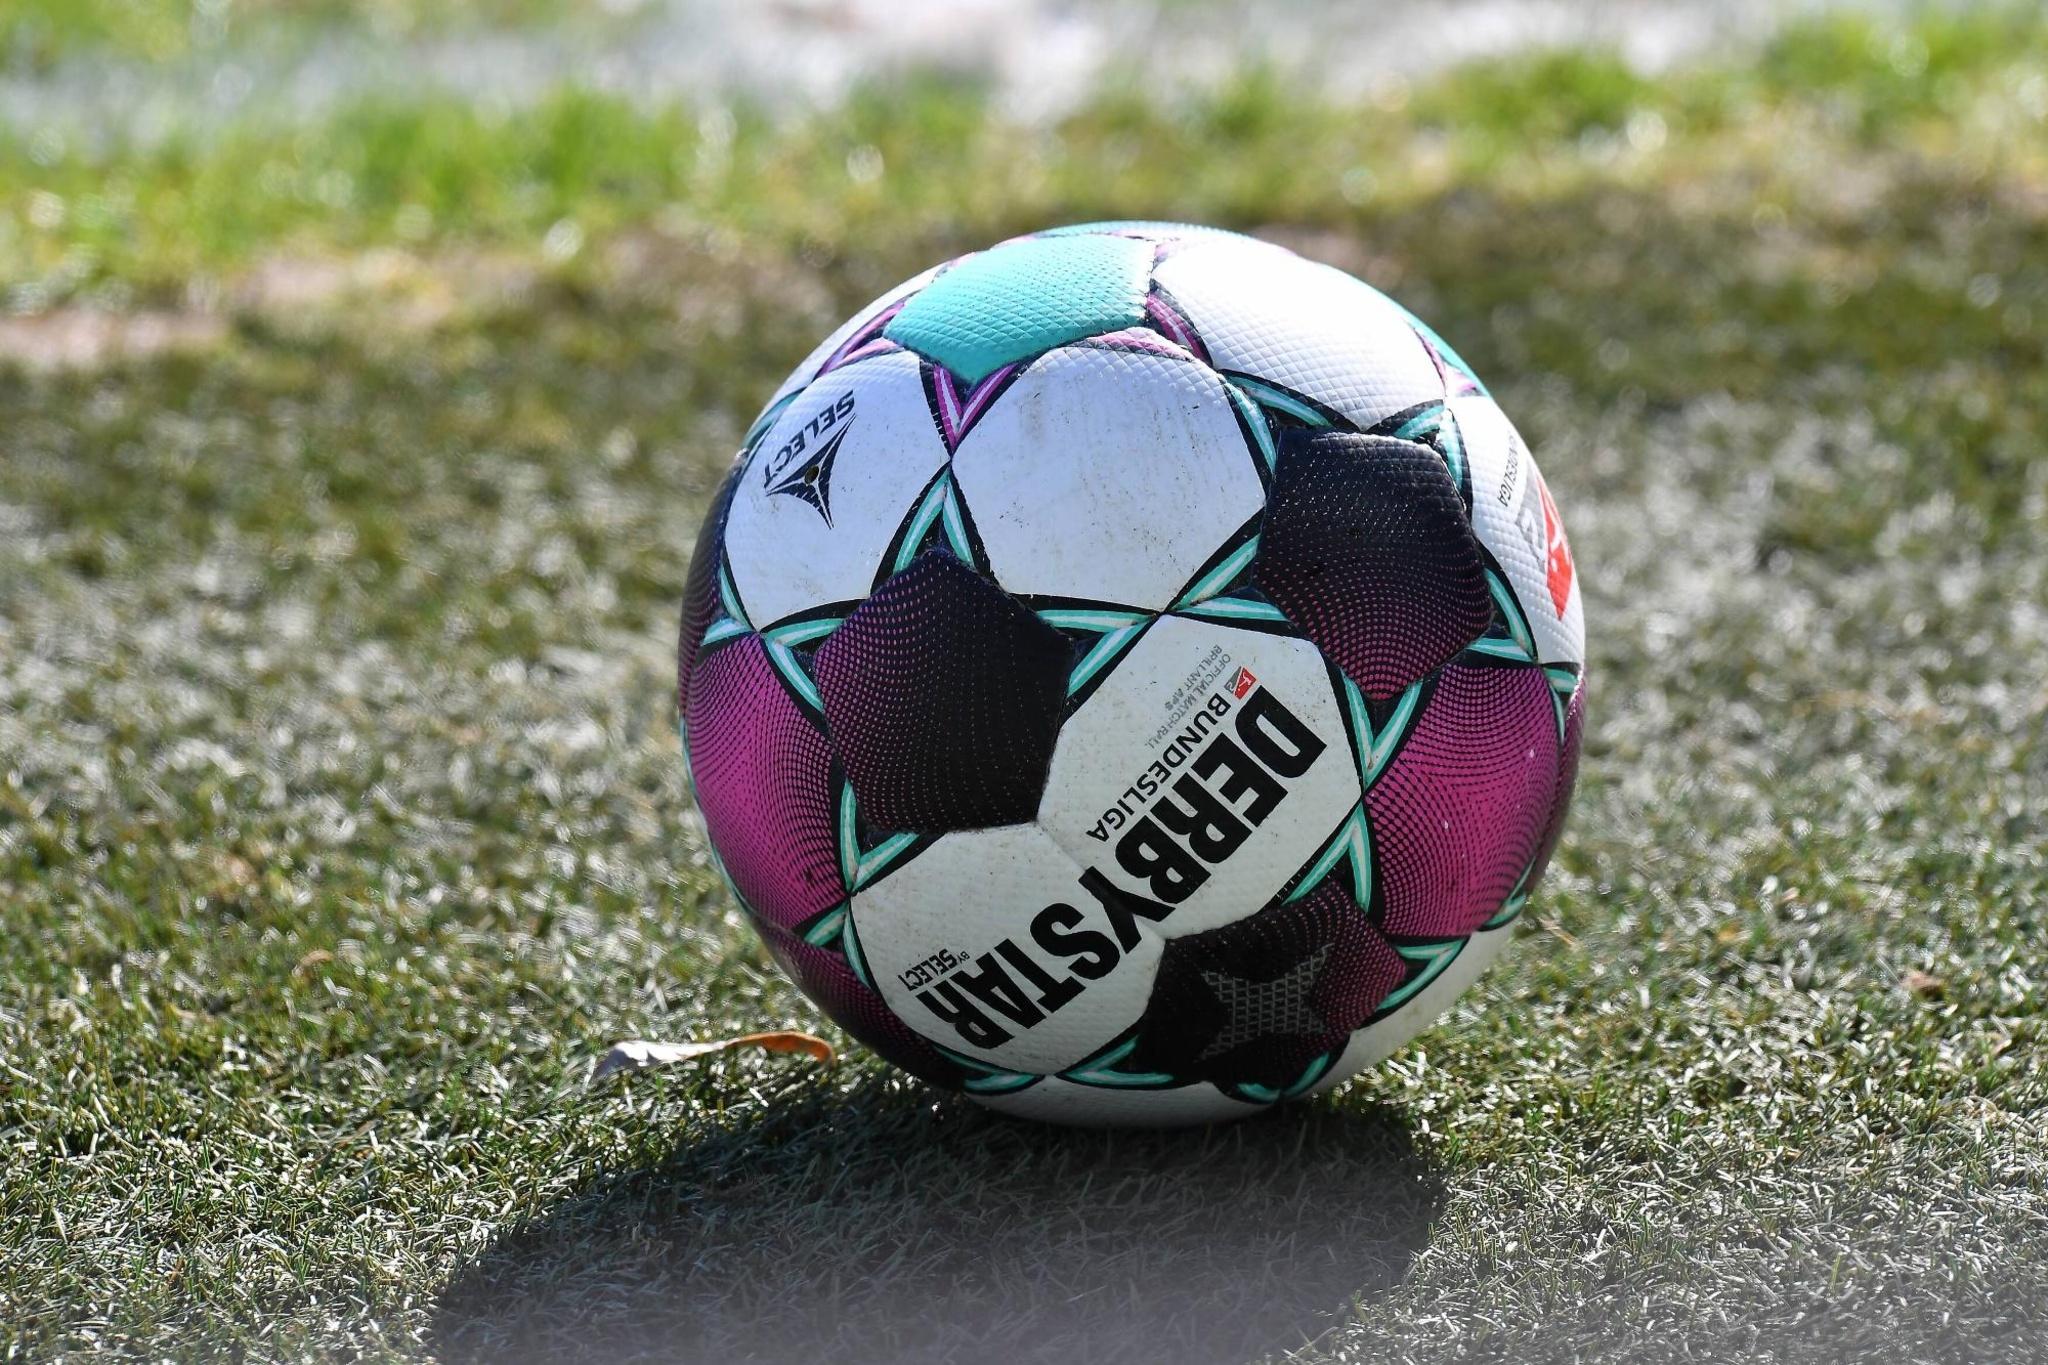 Ard Fussball Em Live